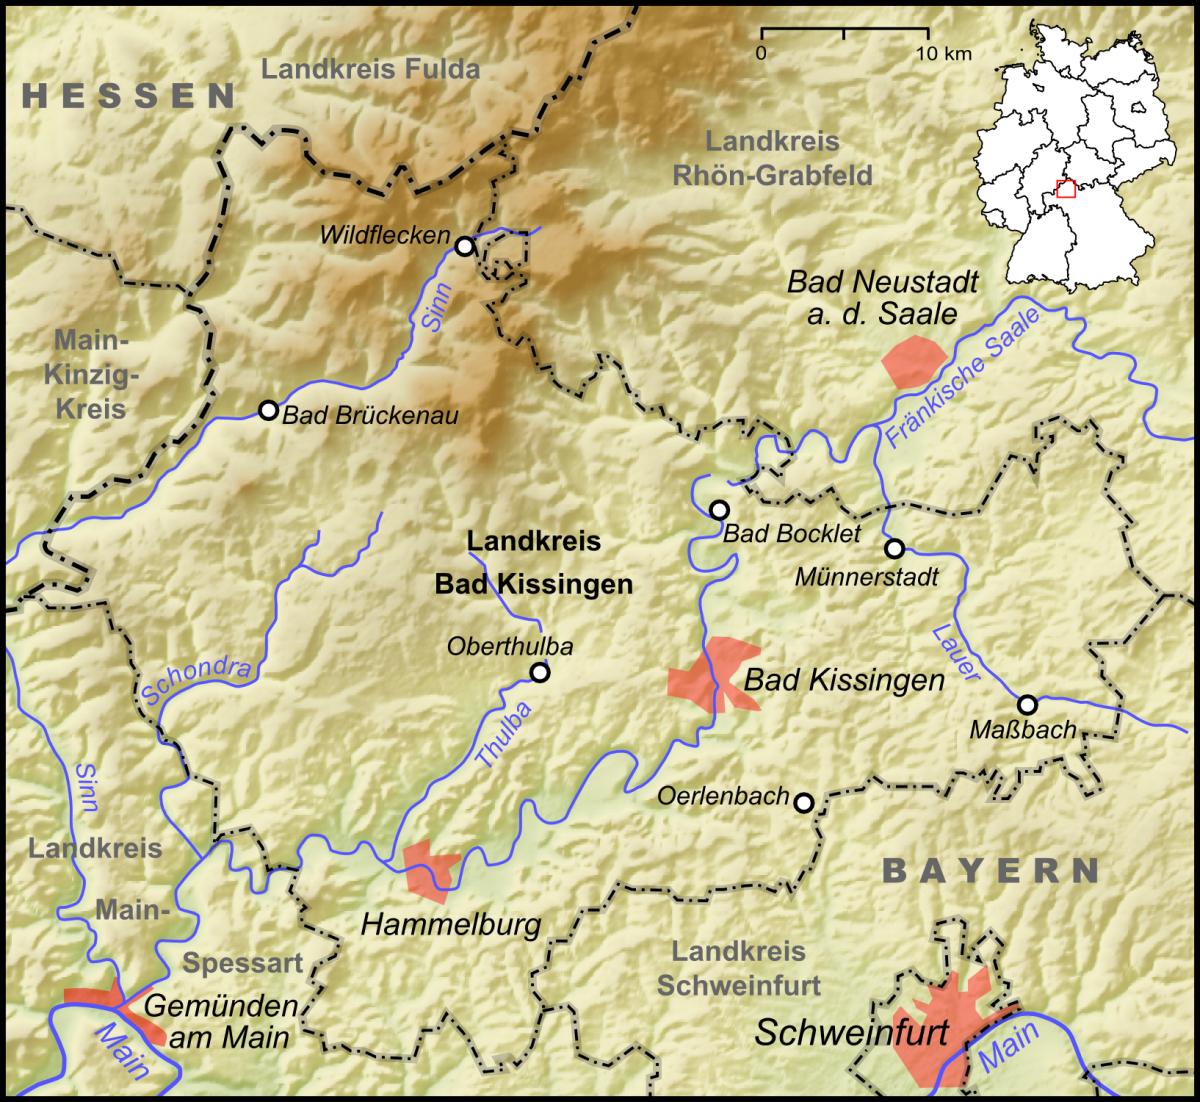 File:Karte Landkreis Bad Kissingen.png - Wikimedia Commons